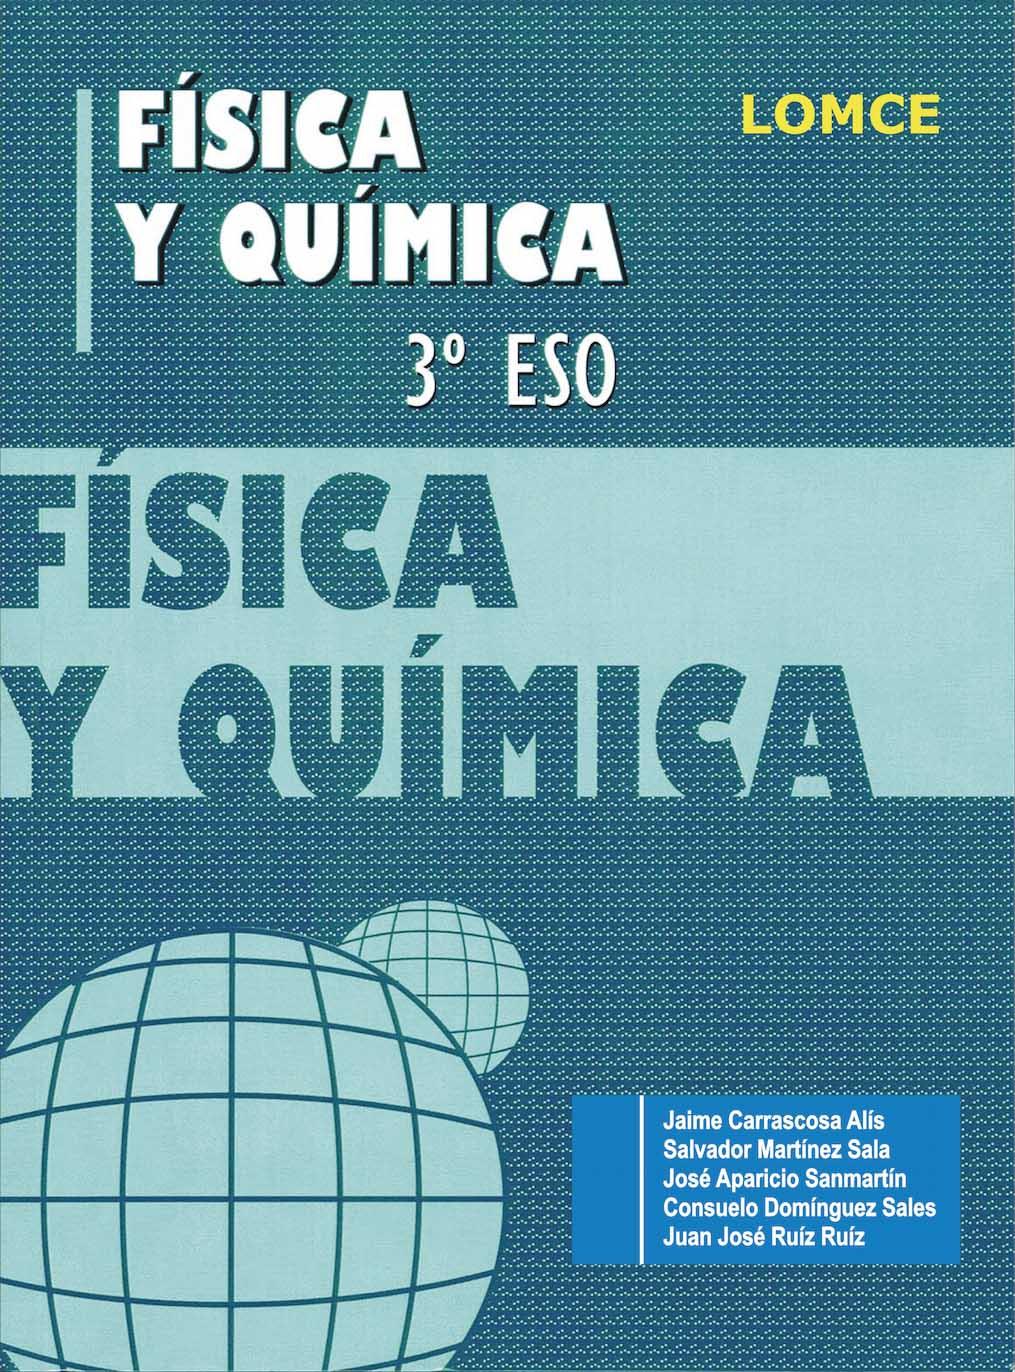 Cuaderno de fichas Física y Química 3º ESO LOMCE